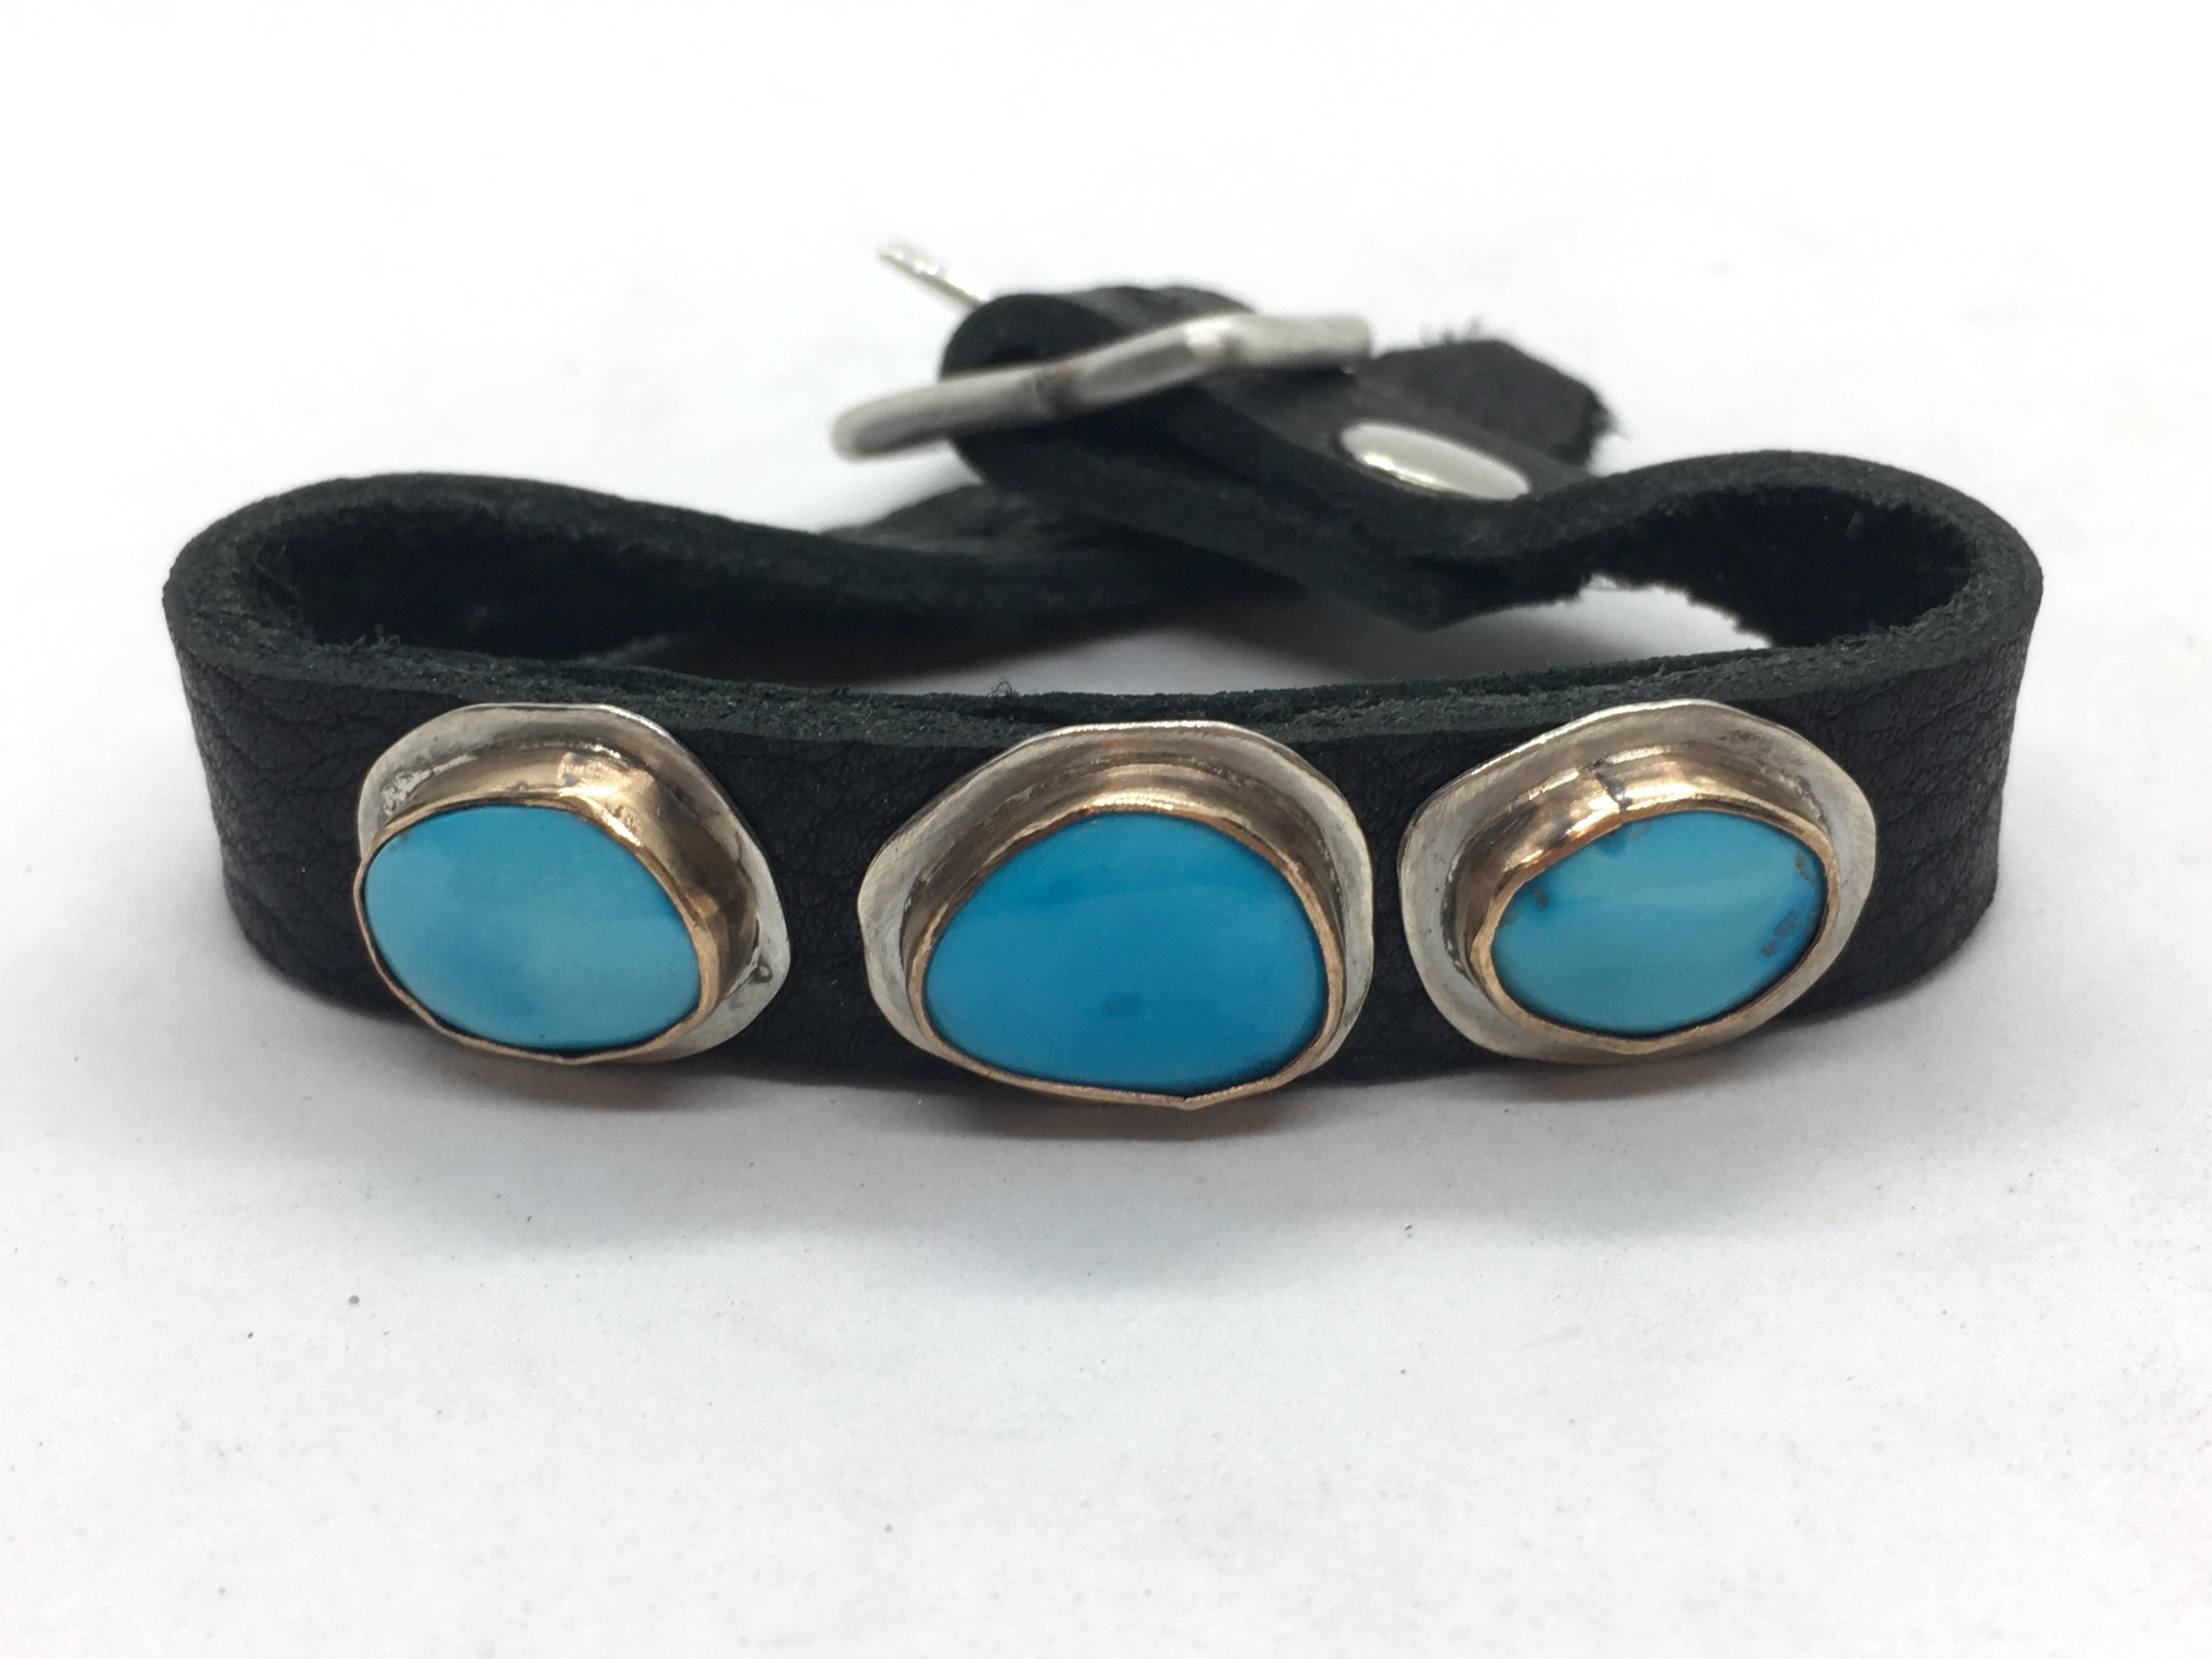 Triple Sleeping Beauty Buckle Bracelet